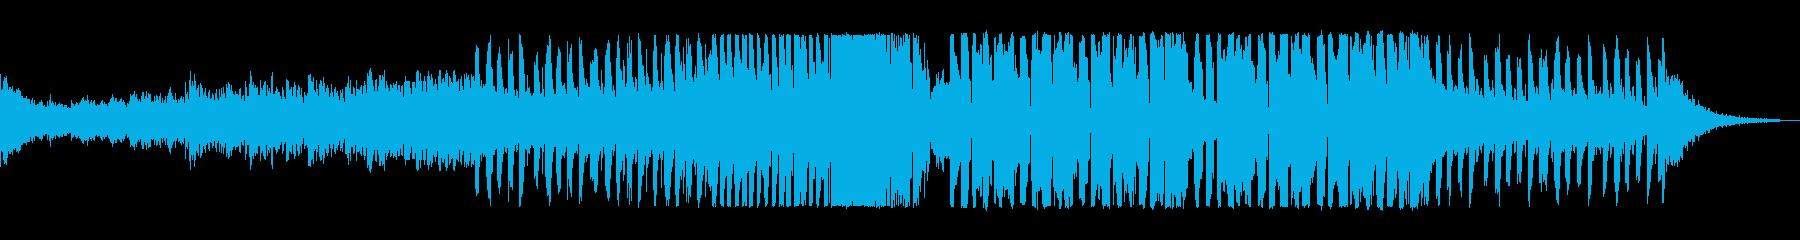 ファンキーポップなEDMの再生済みの波形